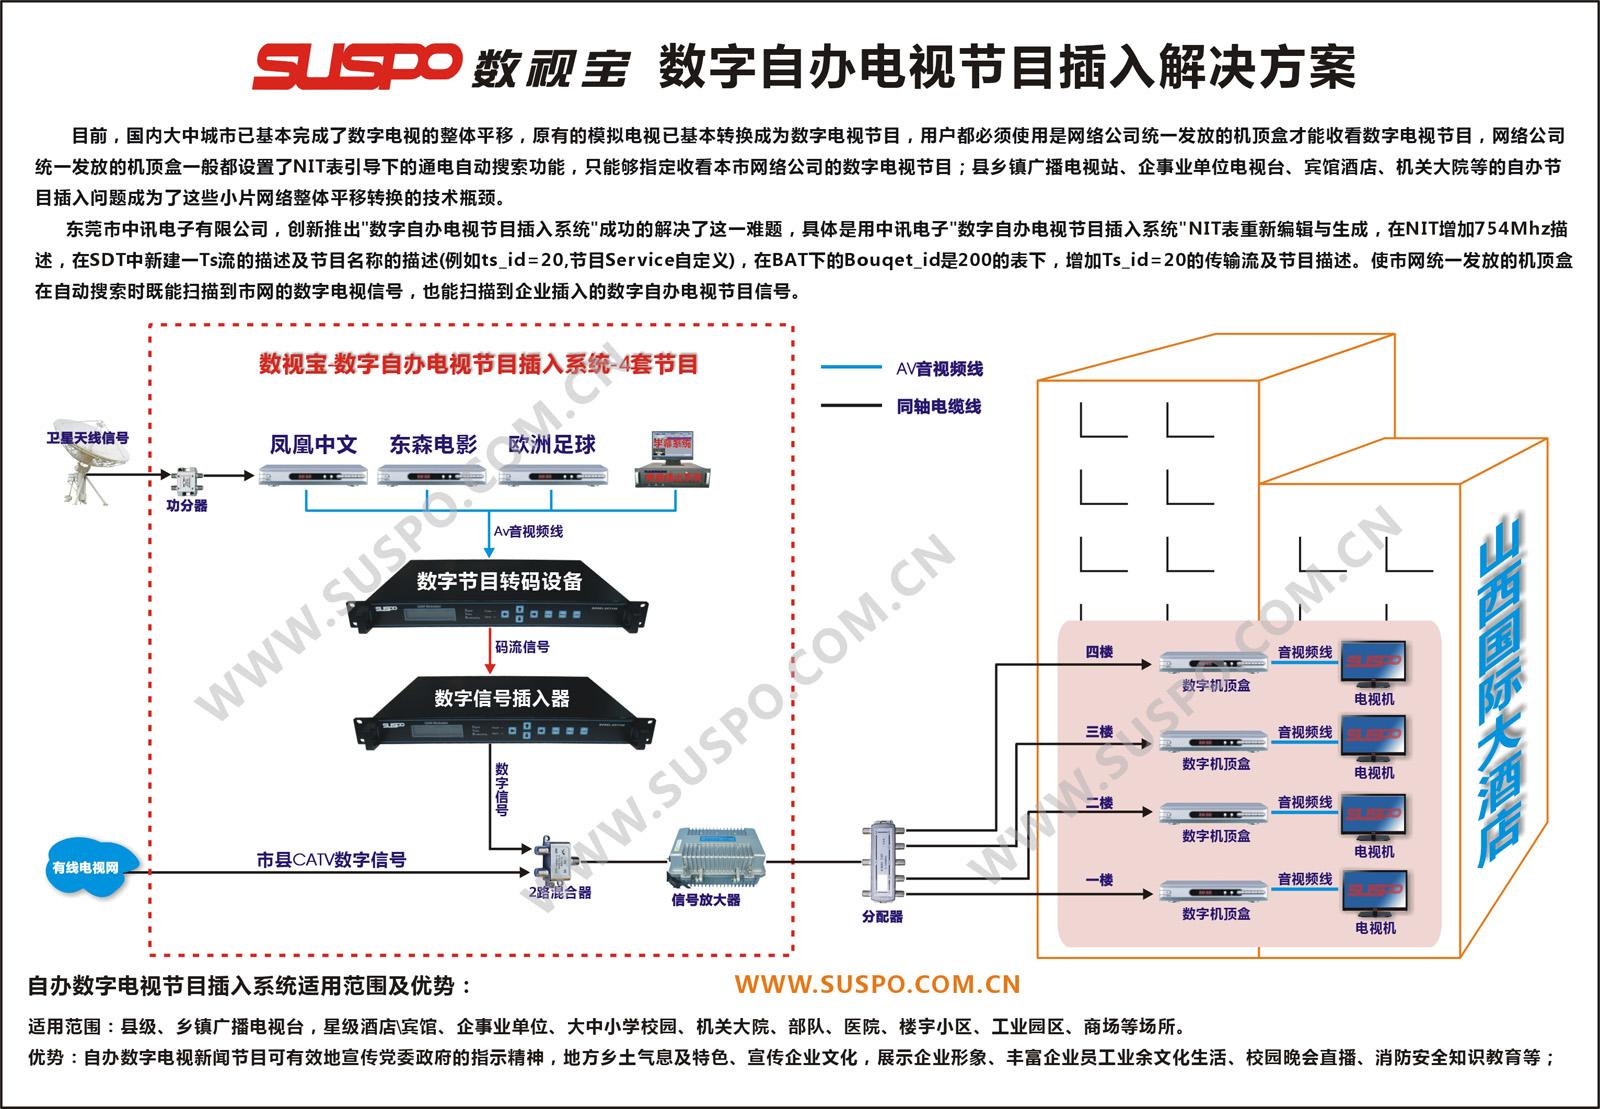 邻频调制器_QAM调制器_SC3100_数字QAM调制器_自办节目插入器-数视宝SUSPO